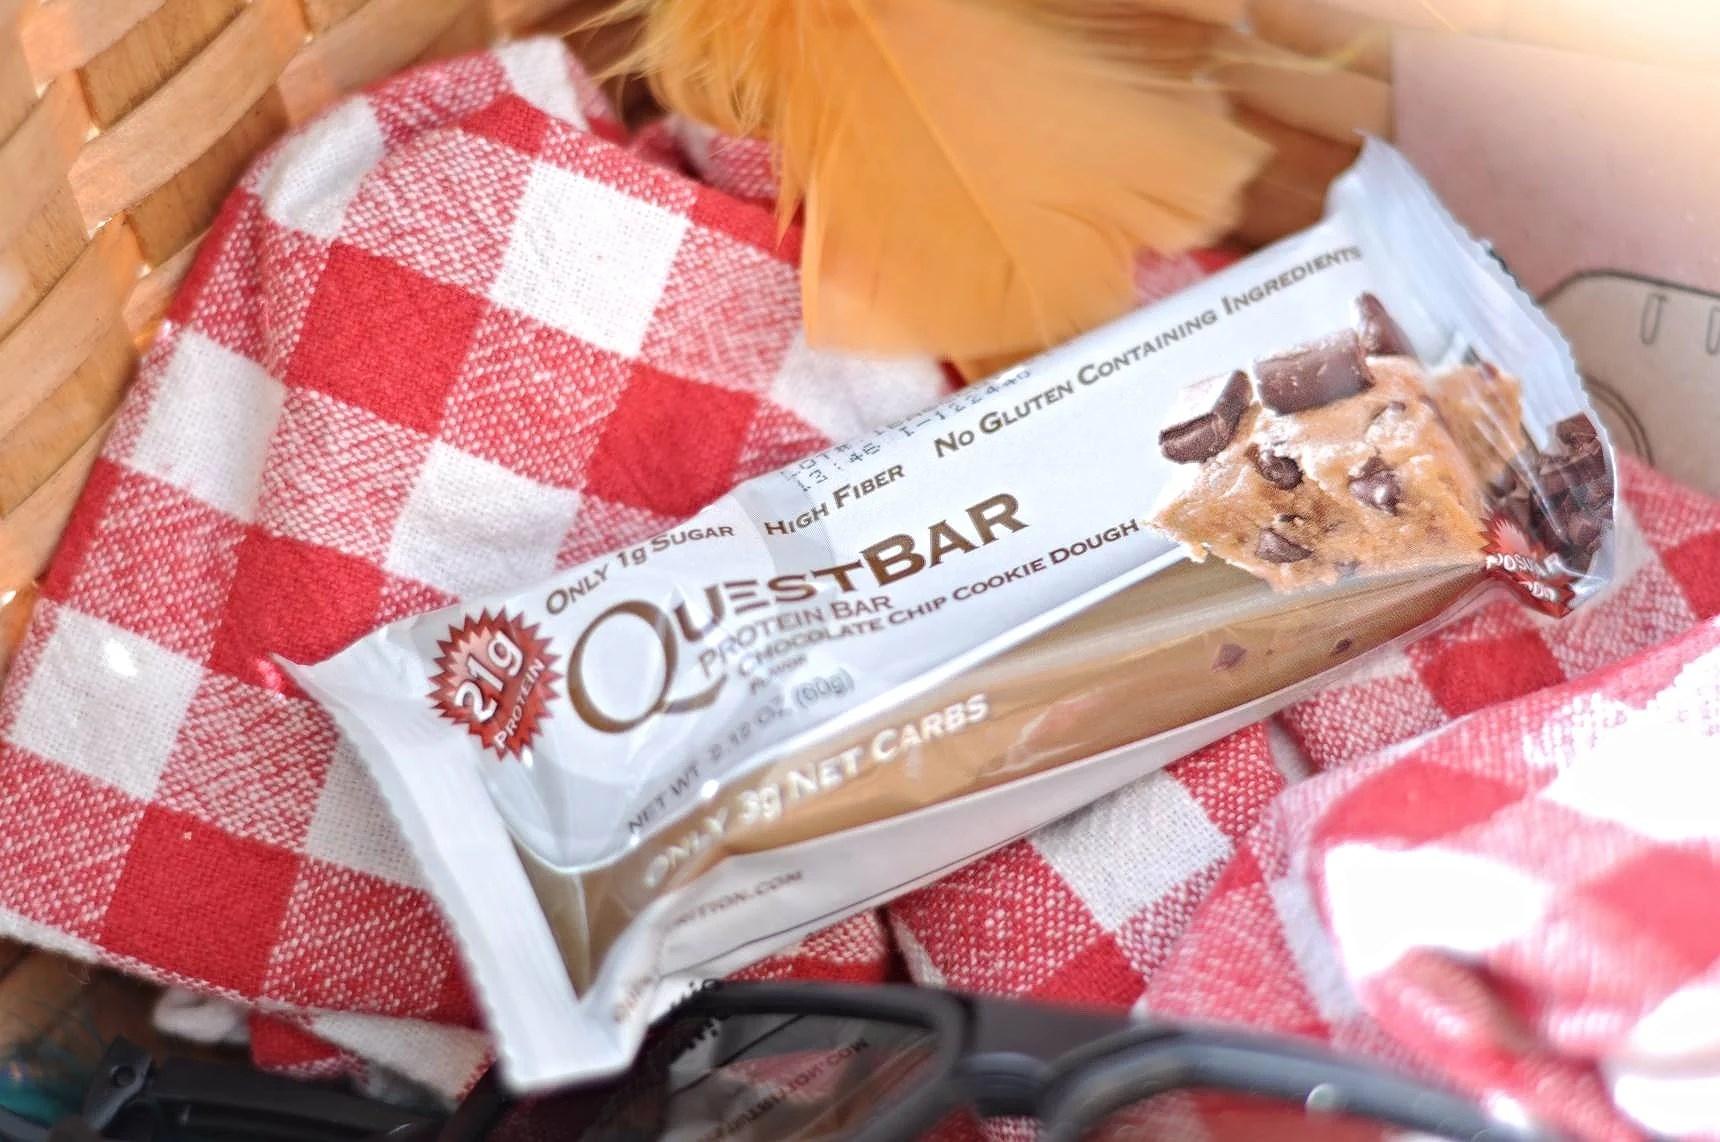 Questie break: Snabbt varmt och proteinrikt kvällsfika!